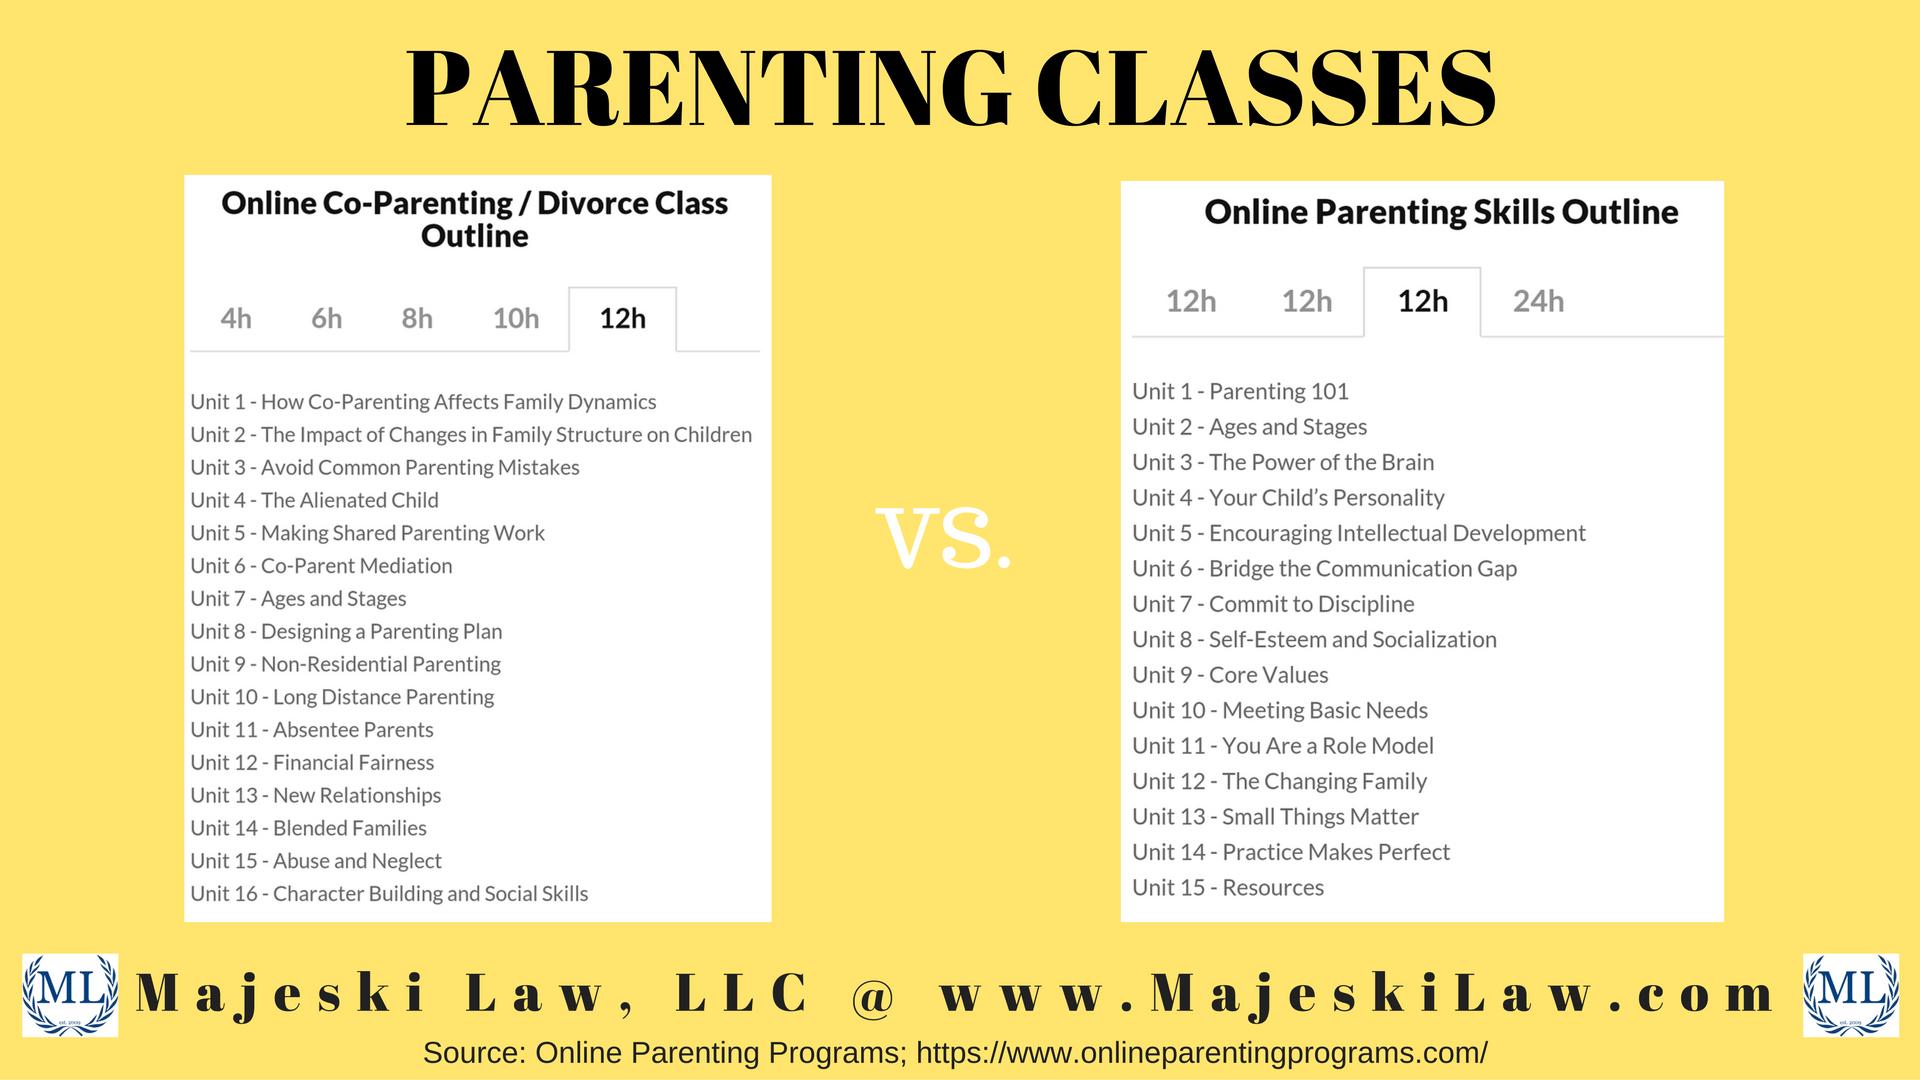 Parent Education Program - Different Kinds of Parenting Classes